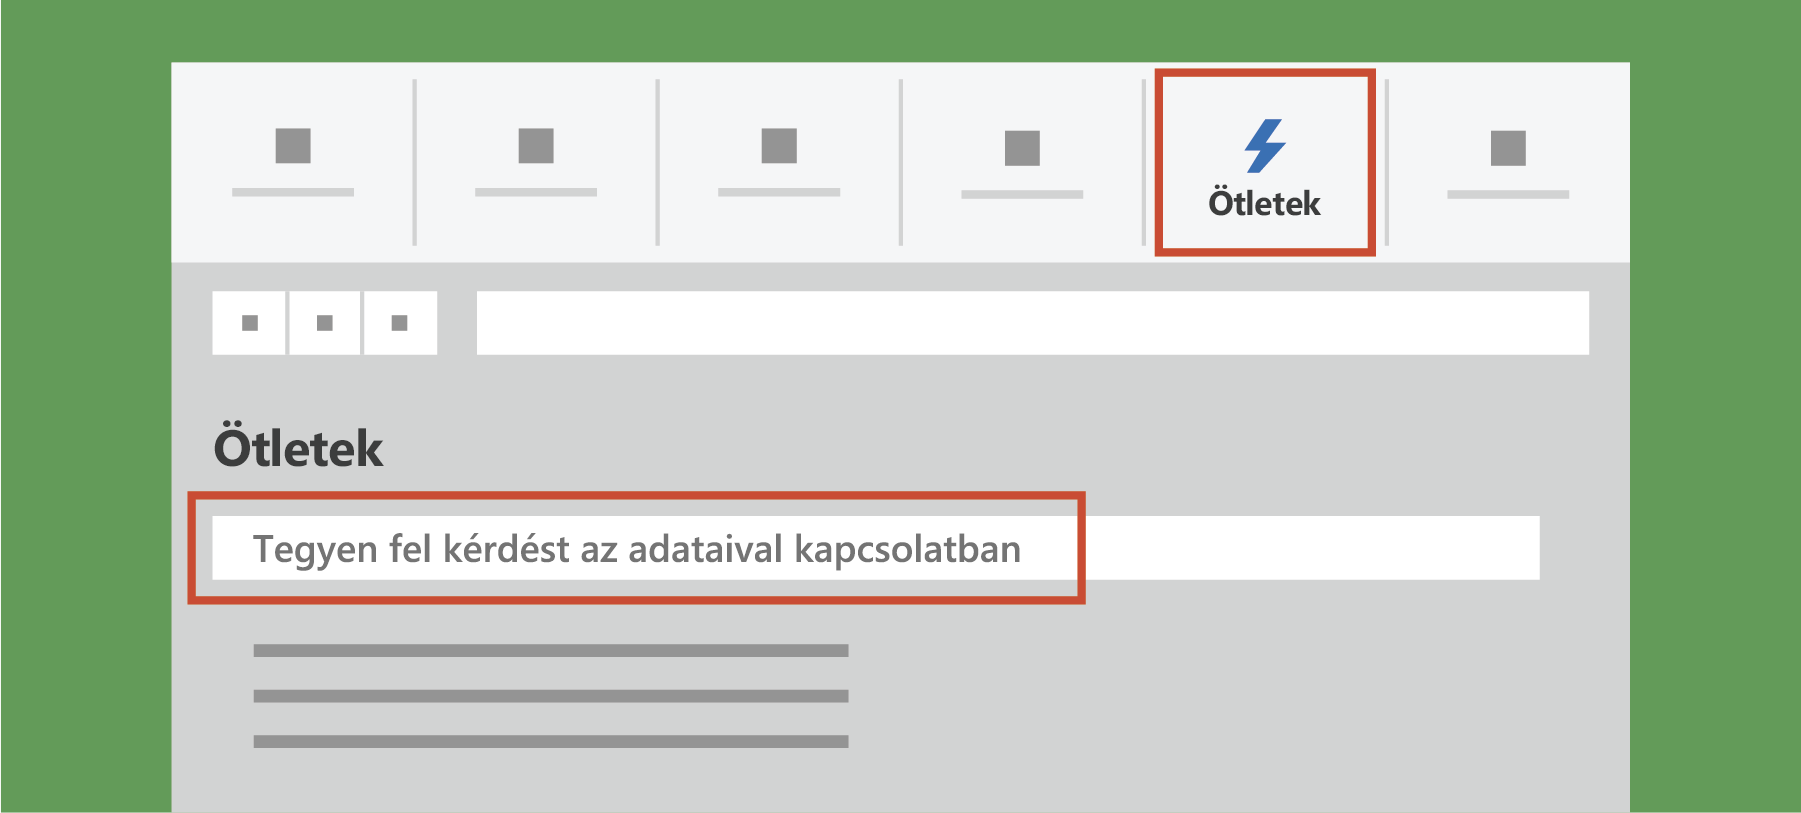 Ötletek megjelenítése az Excelben